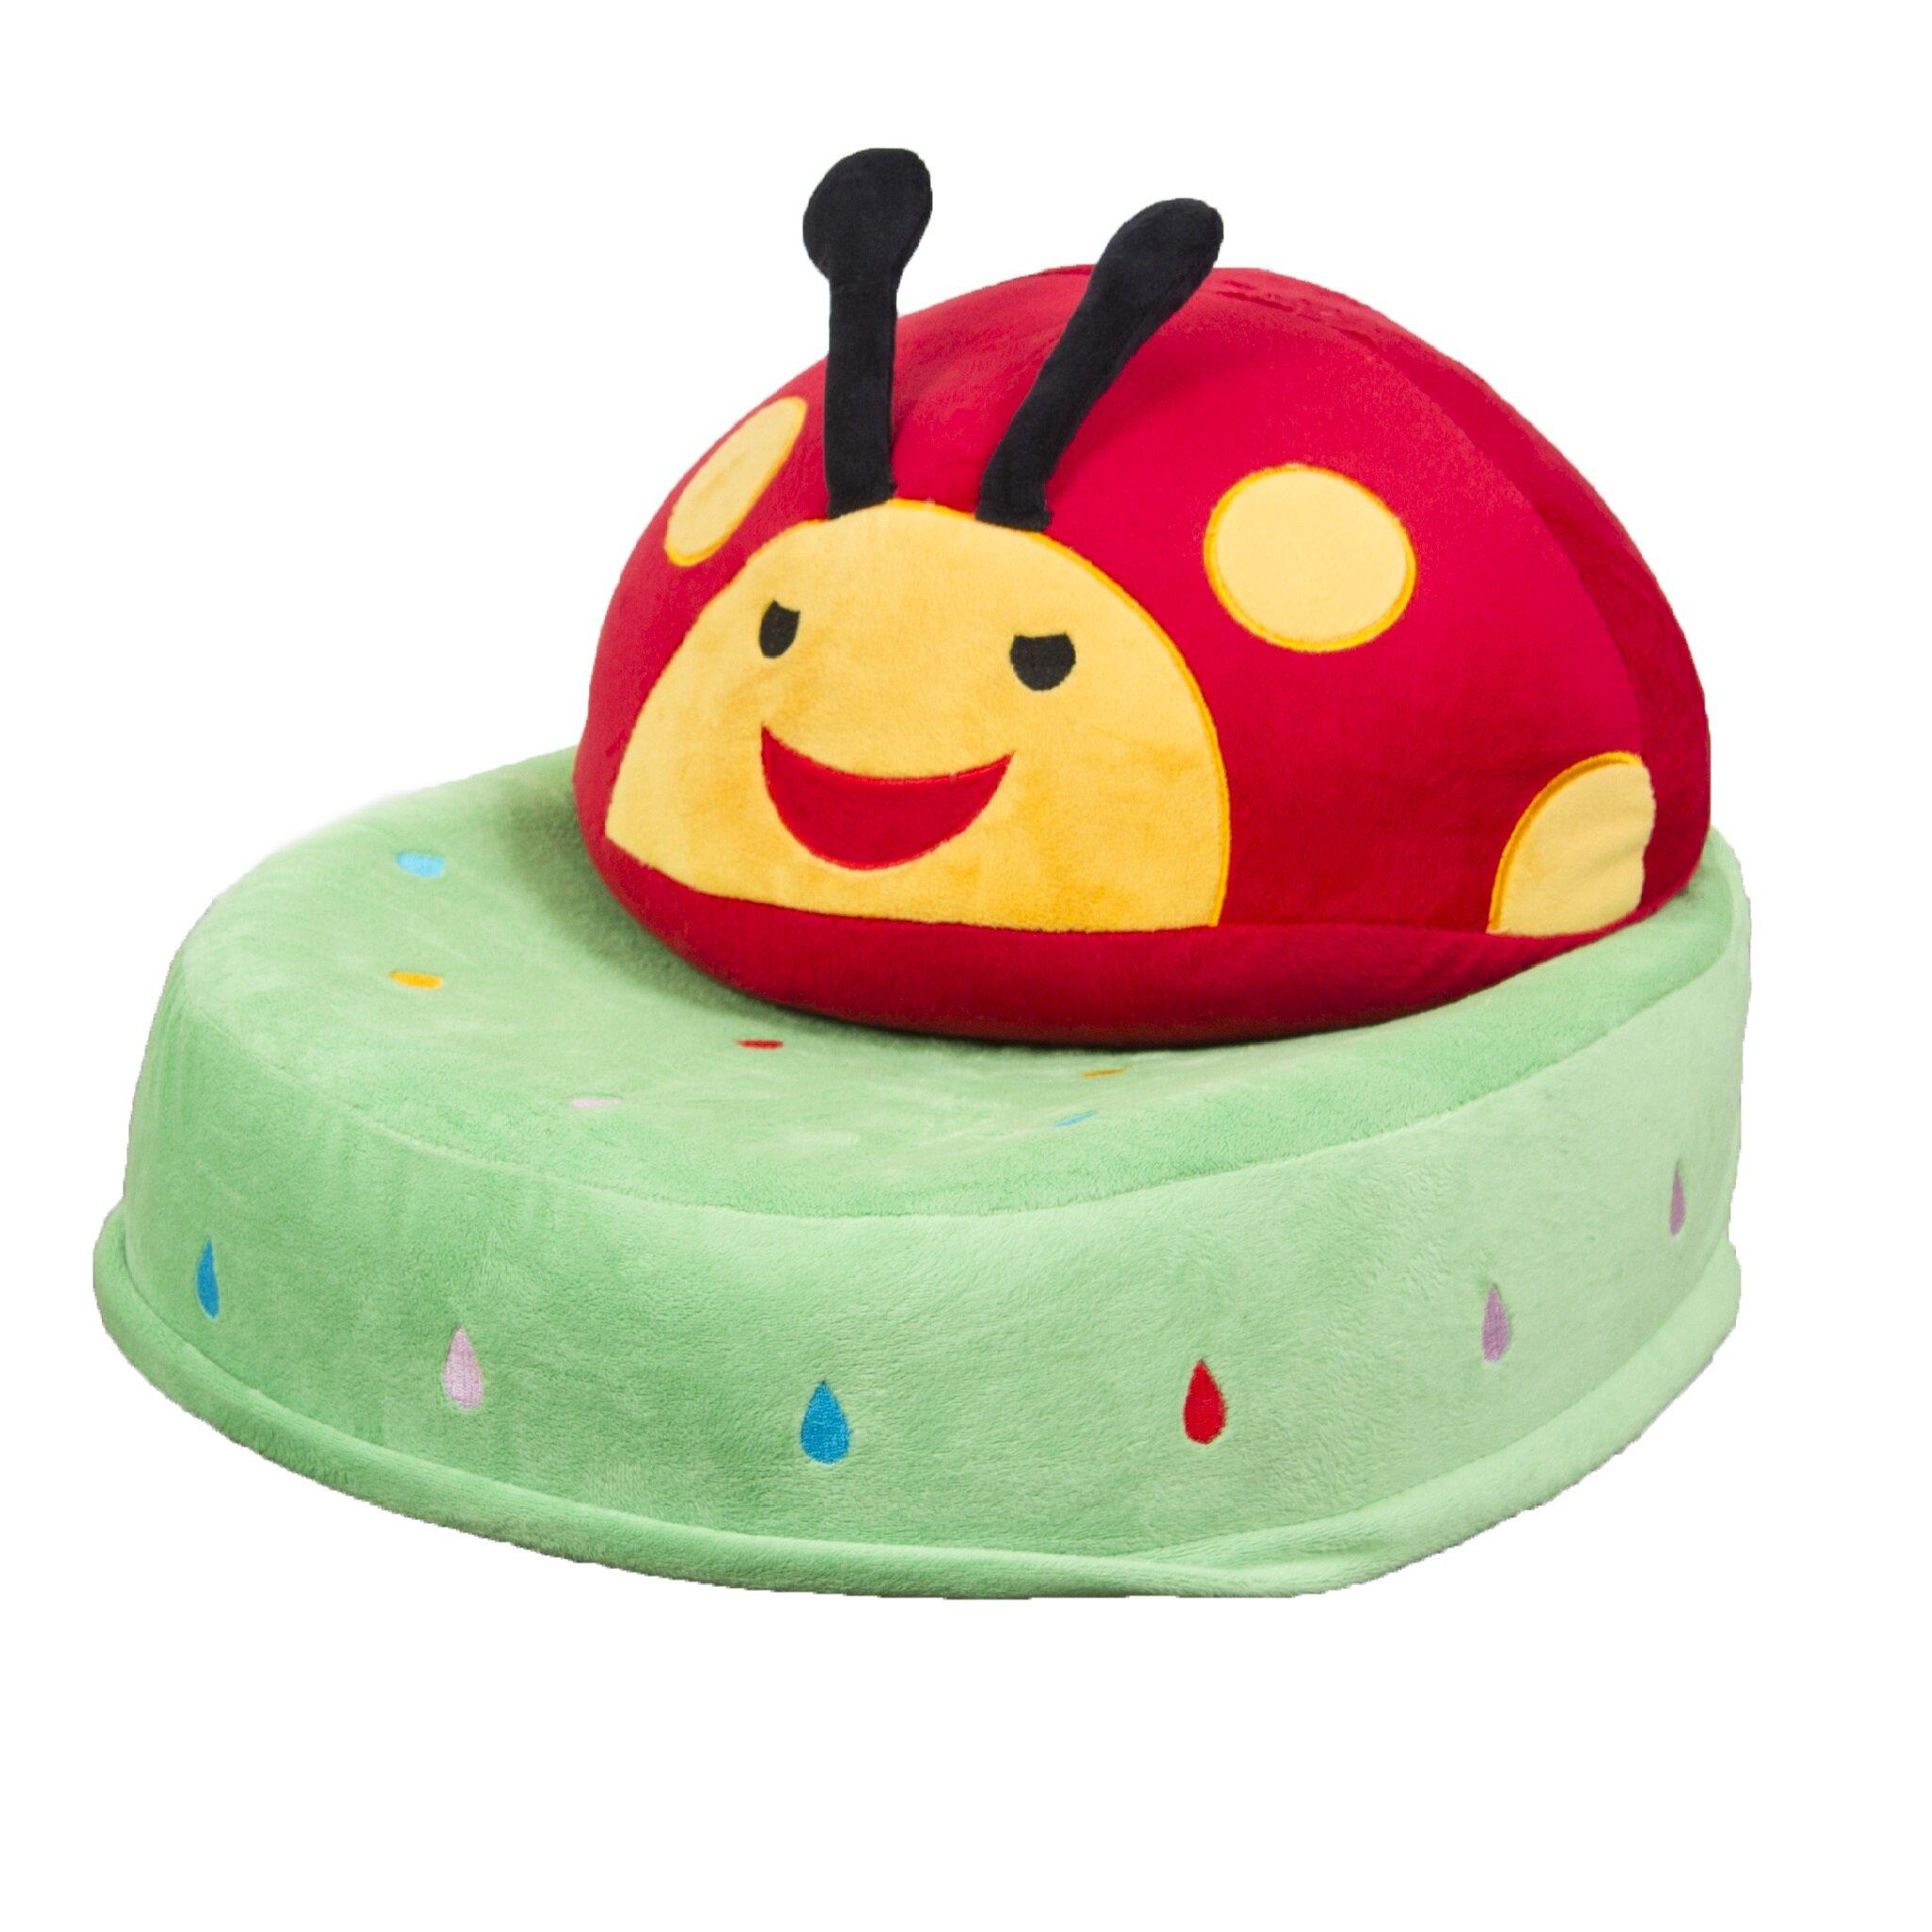 Newplans Corporation Critter Cushion Ladybug Kids Novelty Chair | Wayfair  sc 1 st  Wayfair & Newplans Corporation Critter Cushion Ladybug Kids Novelty Chair ...